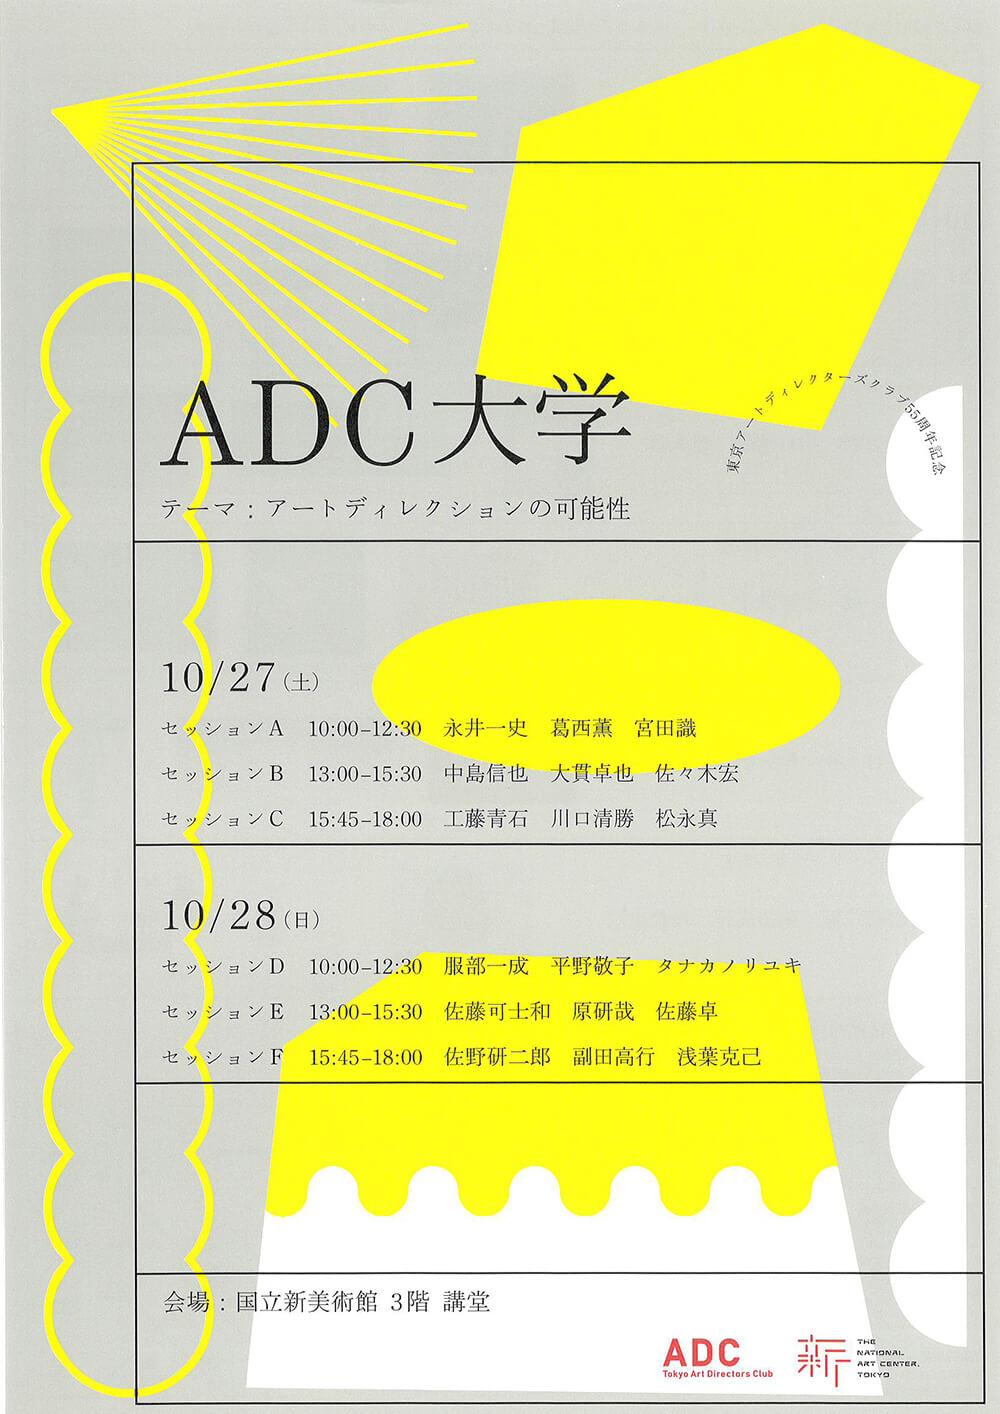 ADC大学フライヤー